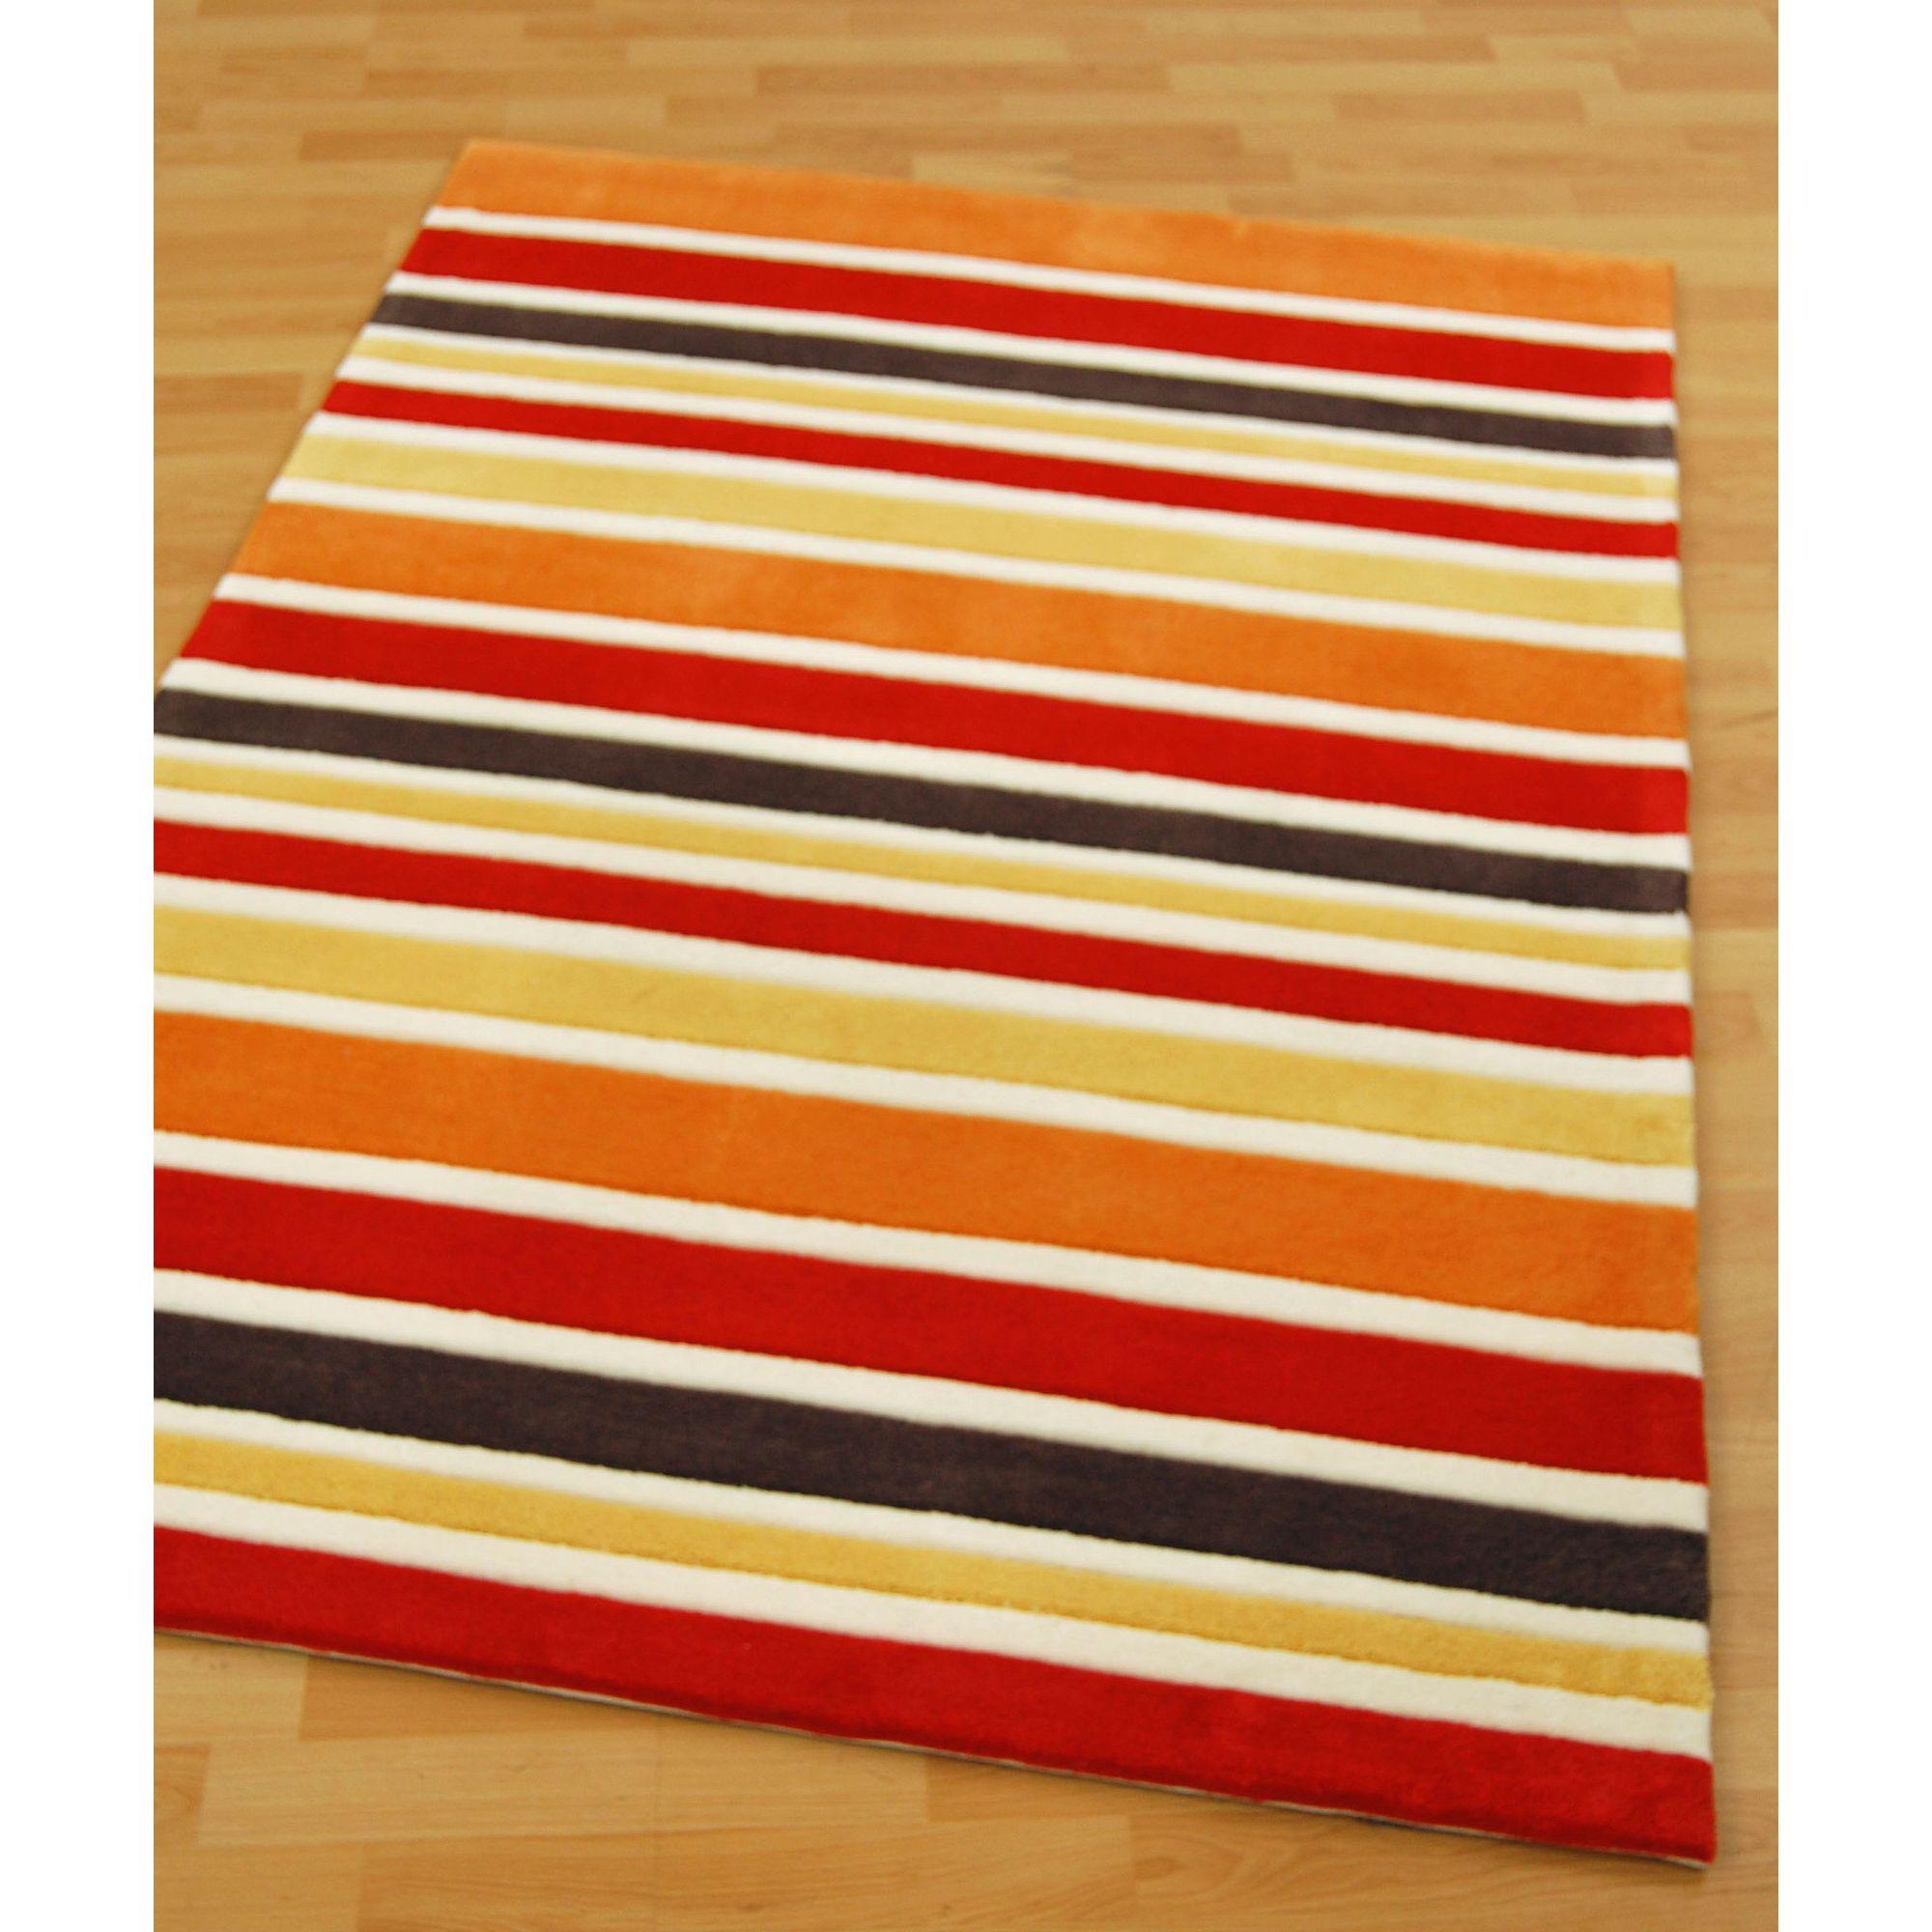 Other Origin Red Rainbow Orange Rug - 170cm x 120cm